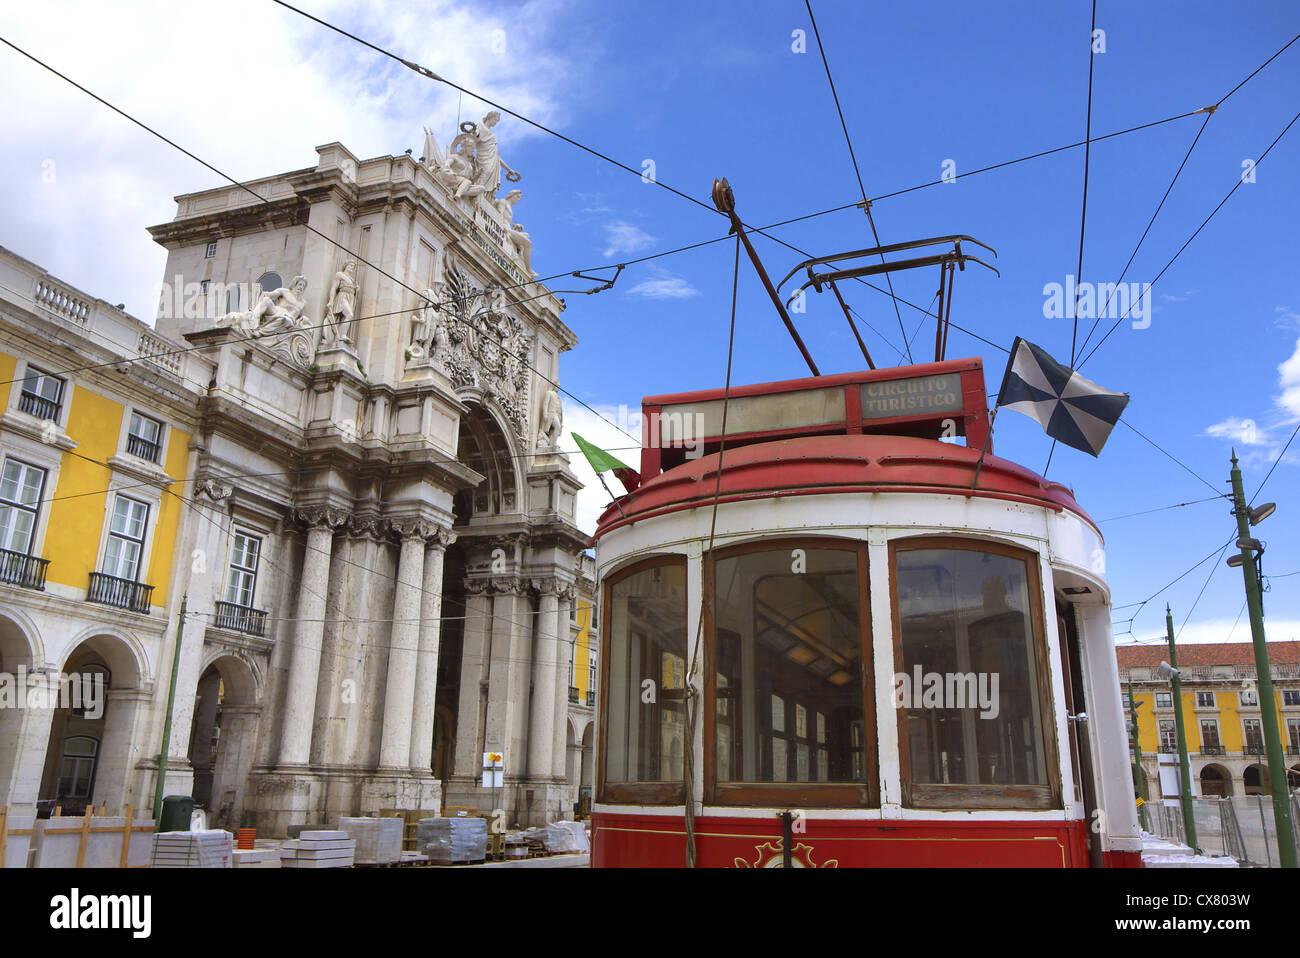 Un tram attende i turisti di Arco Augusta a Lisbona, Portogallo. Immagini Stock